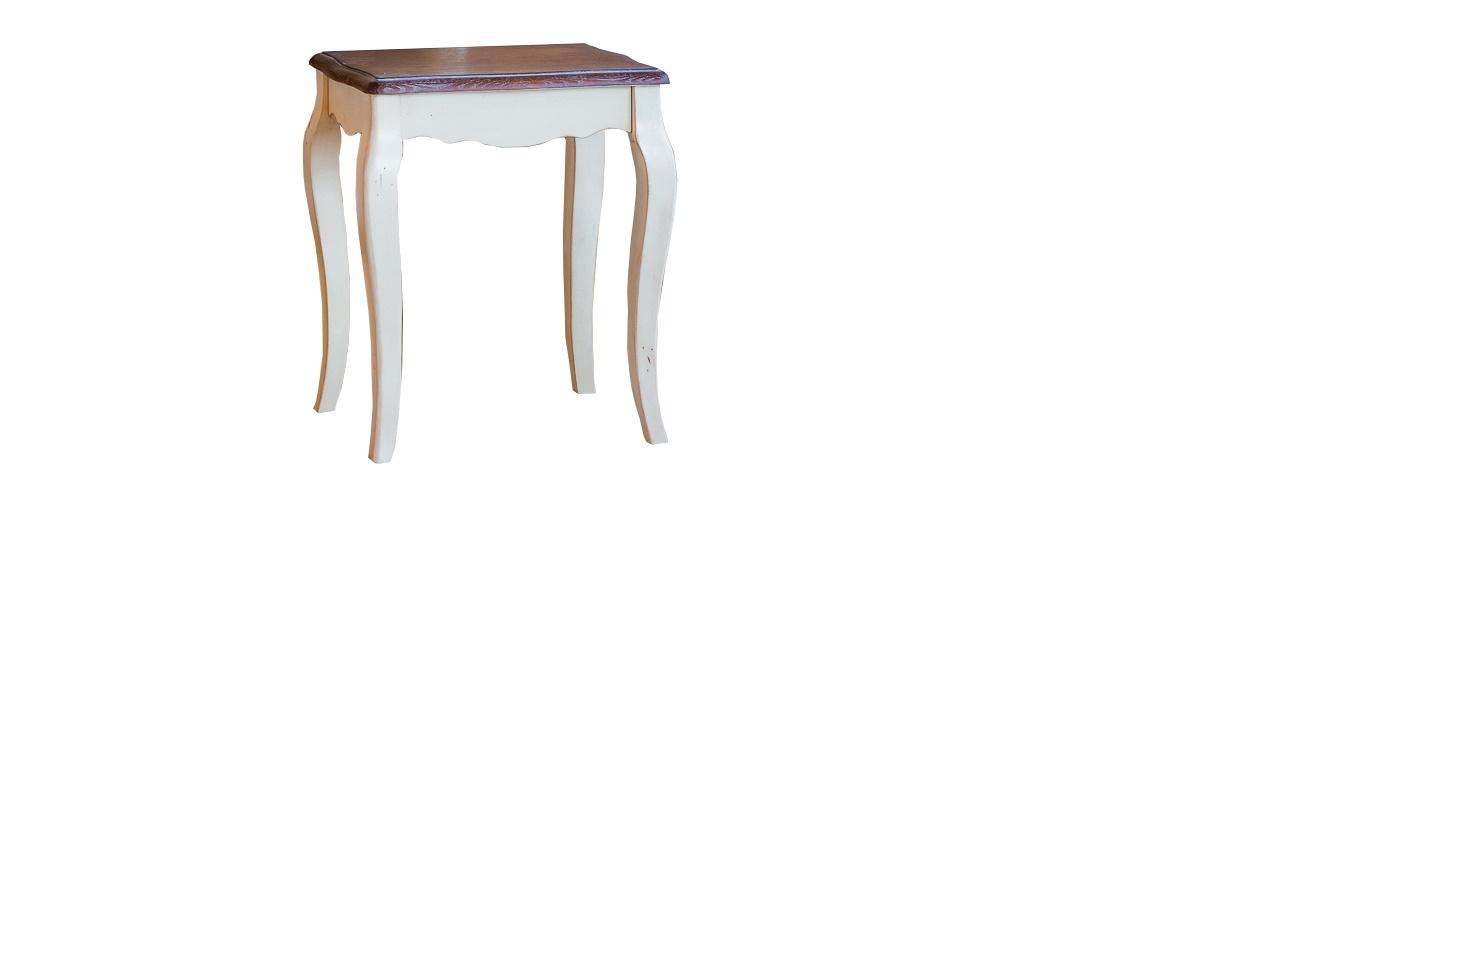 Табурет Blanc bonbonТабуреты<br>Дополнить изысканный вид женского туалетного столика может великолепный табурет &amp;quot;Blanc Bonbon&amp;quot;. Он оформлен в утонченном стиле прованс, ключевыми аспектами которого являются легкость и романтизм. Удивительное благородство табурета прекрасно подчеркивается изогнутыми белыми ножками. Они отменно гармонируют с контрастным сиденьем карамельного цвета.&amp;lt;br&amp;gt;<br><br>Material: Дерево<br>Ширина см: 31<br>Высота см: 50